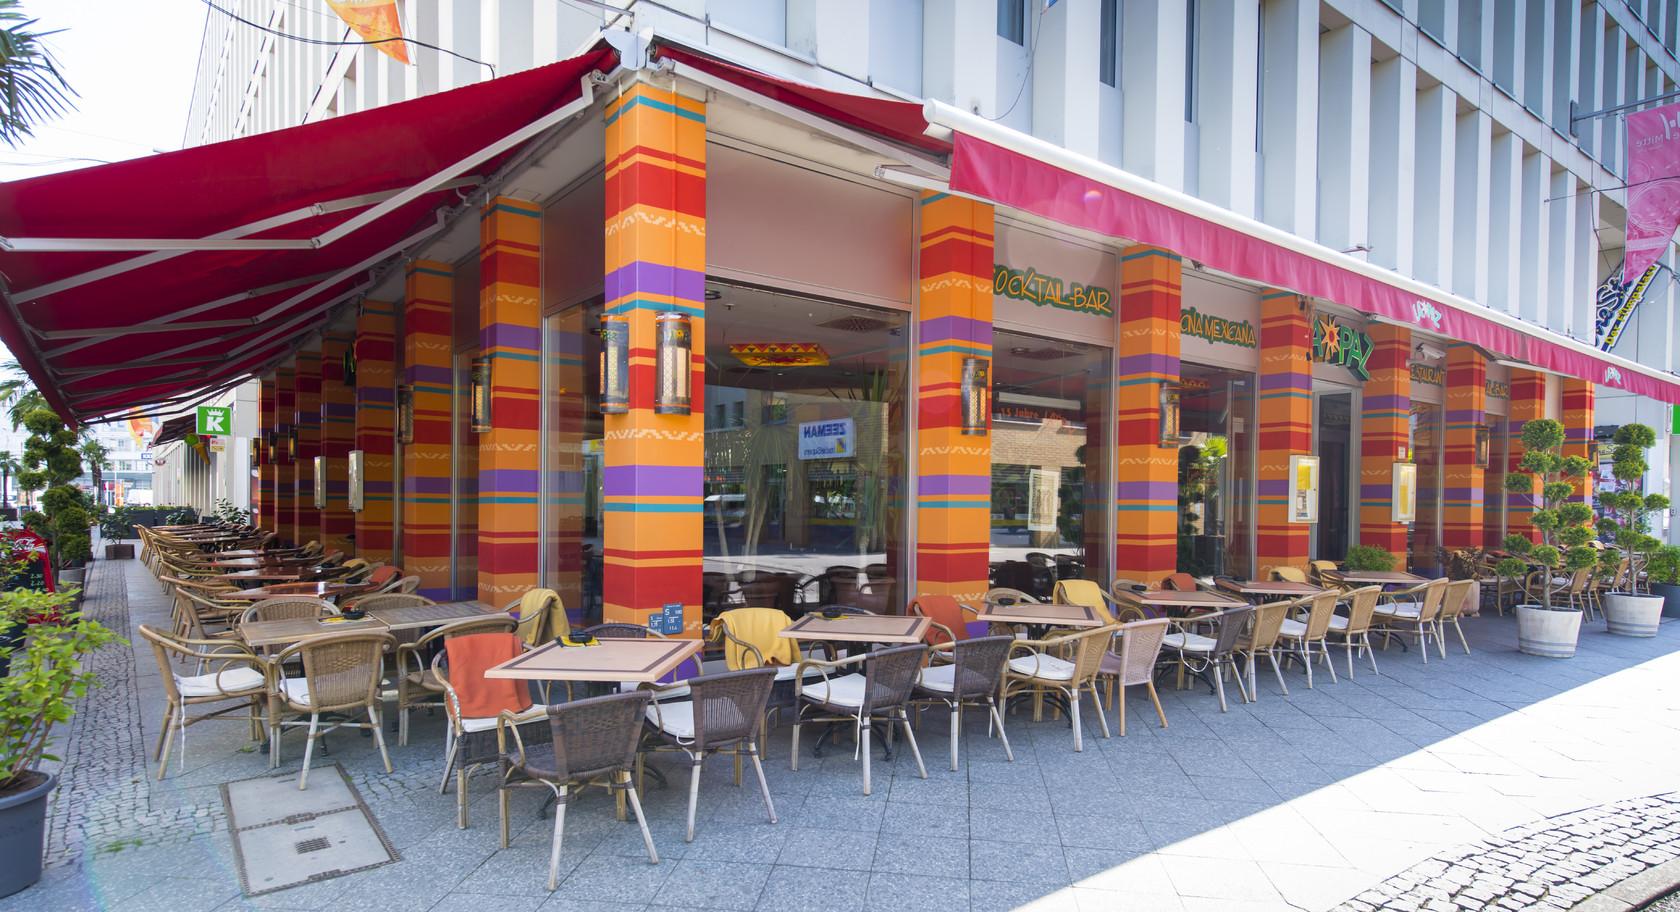 La Paz - Mexikanische Küche in Berlin-Hellersdorf